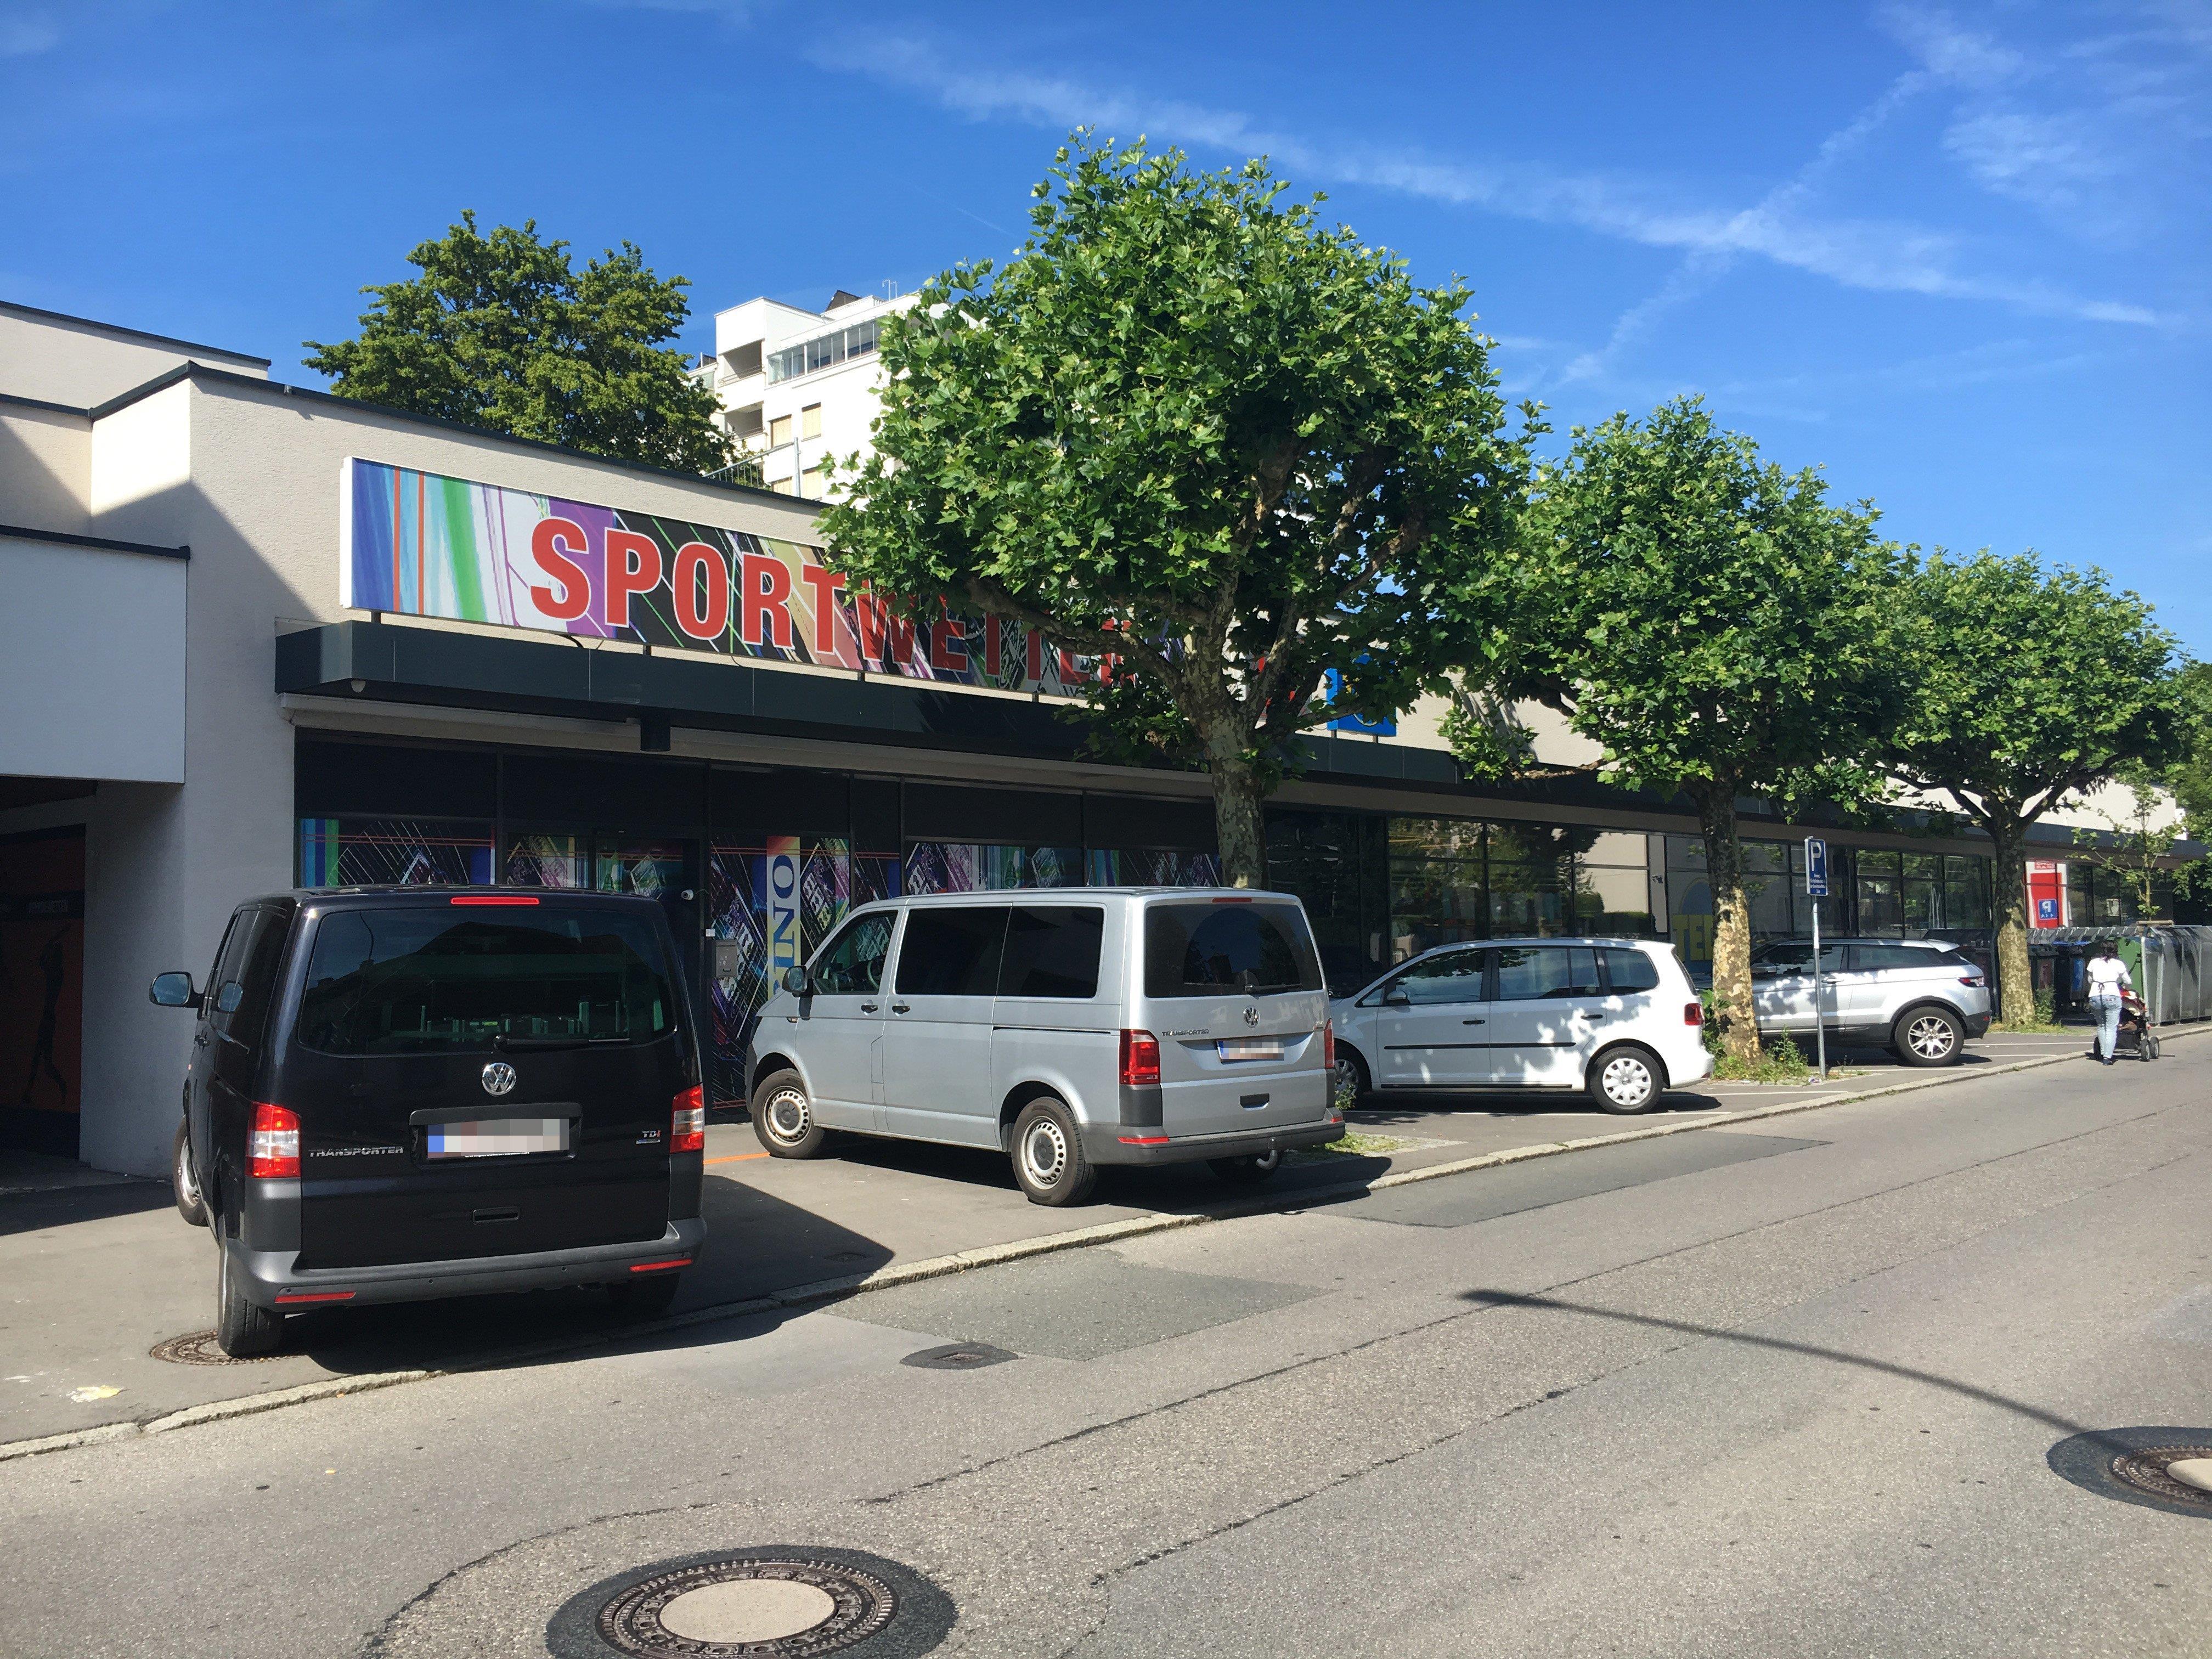 Das Wettbüro in der Mariahilferstraße wurde am Montagmorgen überfallen.